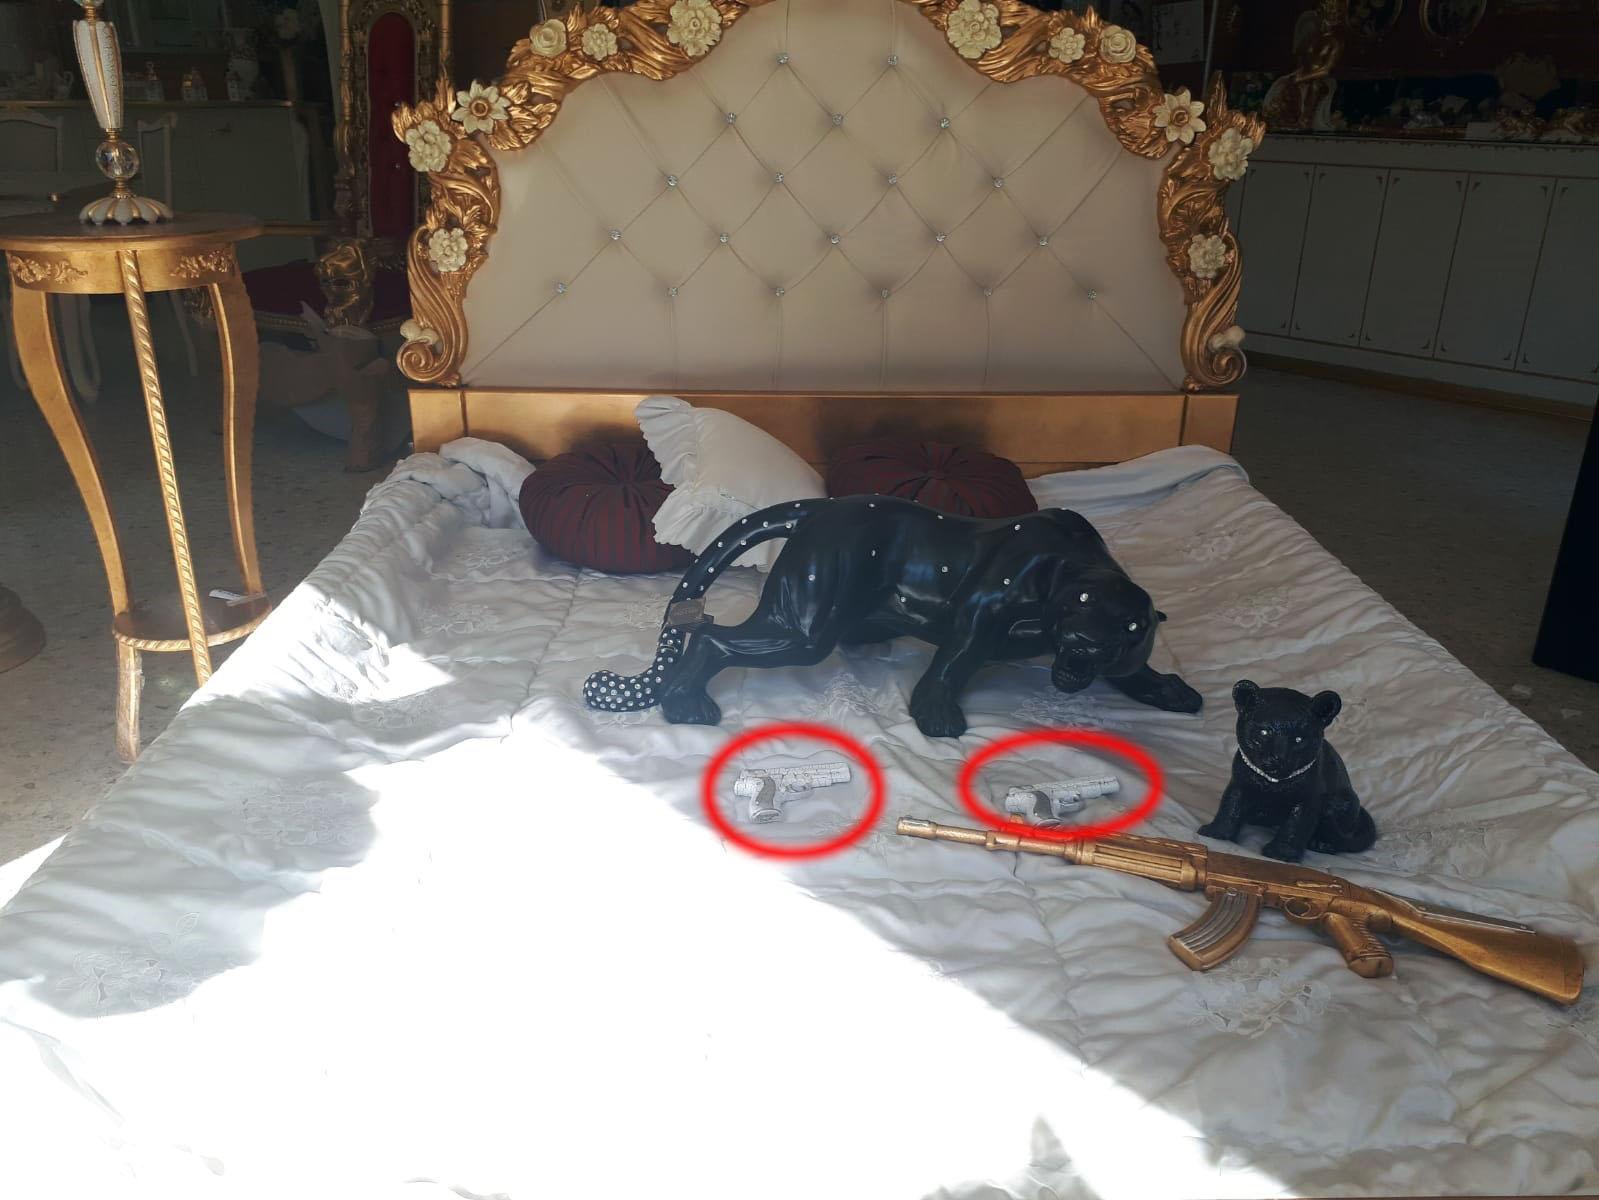 Bomboniere Matrimonio Bari.Bari Mitra E Pistole Nella Vetrina Del Negozio Armi In Ceramica